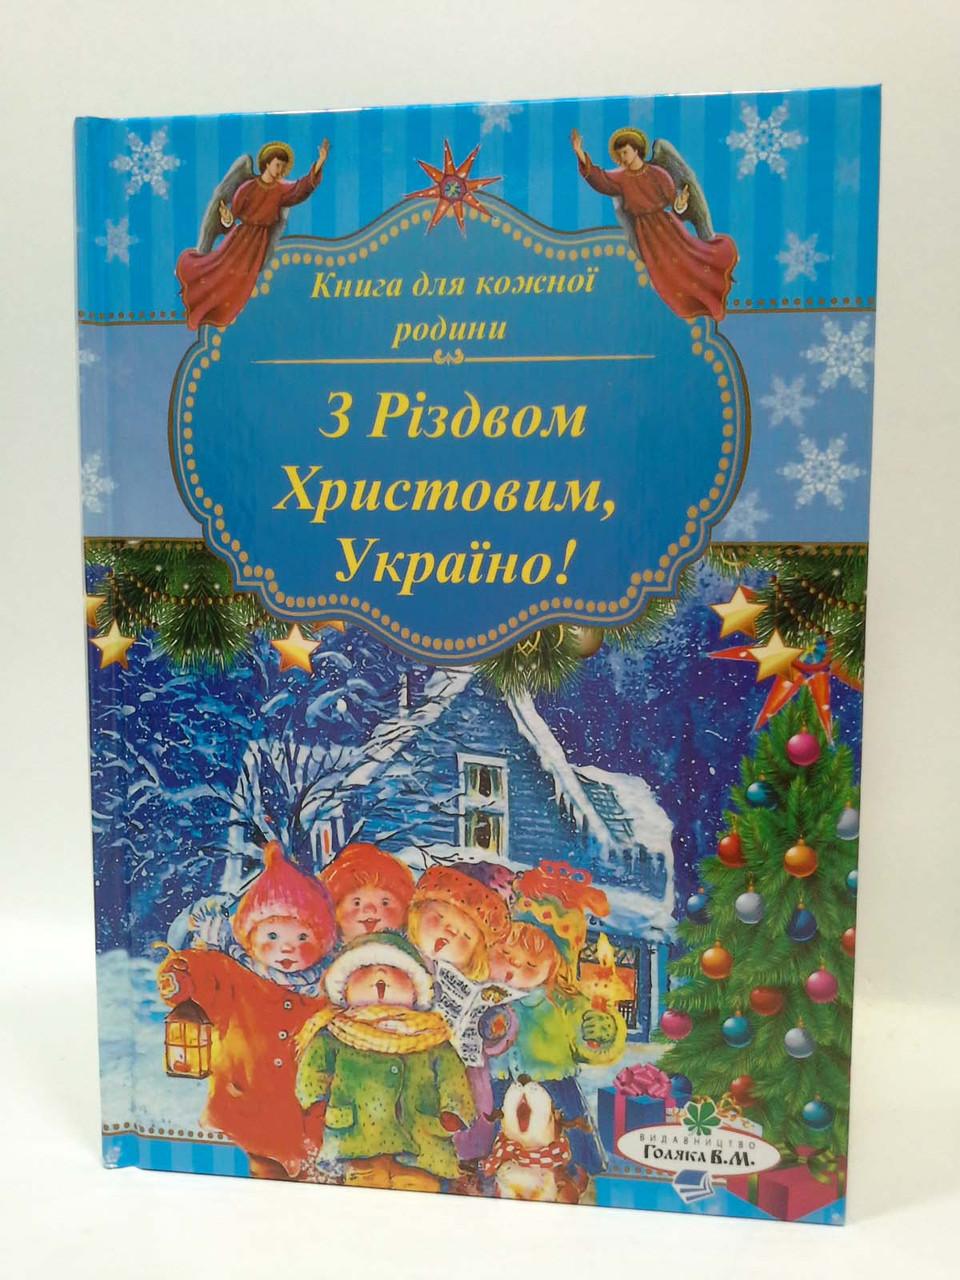 З Різдвом Христовим, Україно! Книга для кожної родини. В. М. Голяка